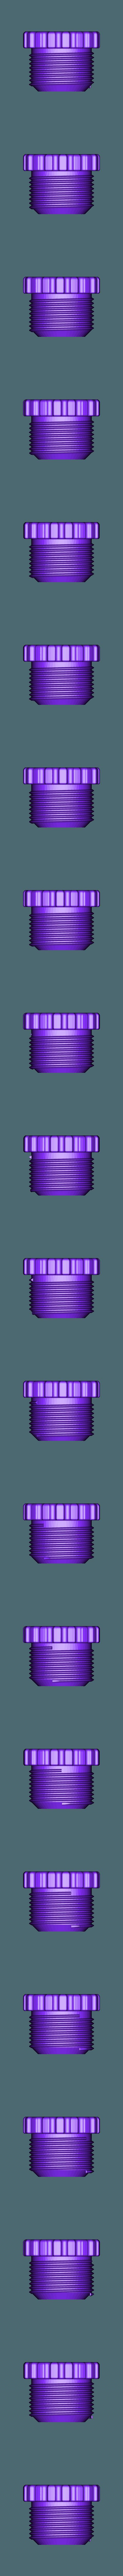 bouchon.STL Download STL file single flange • 3D print object, jjwil